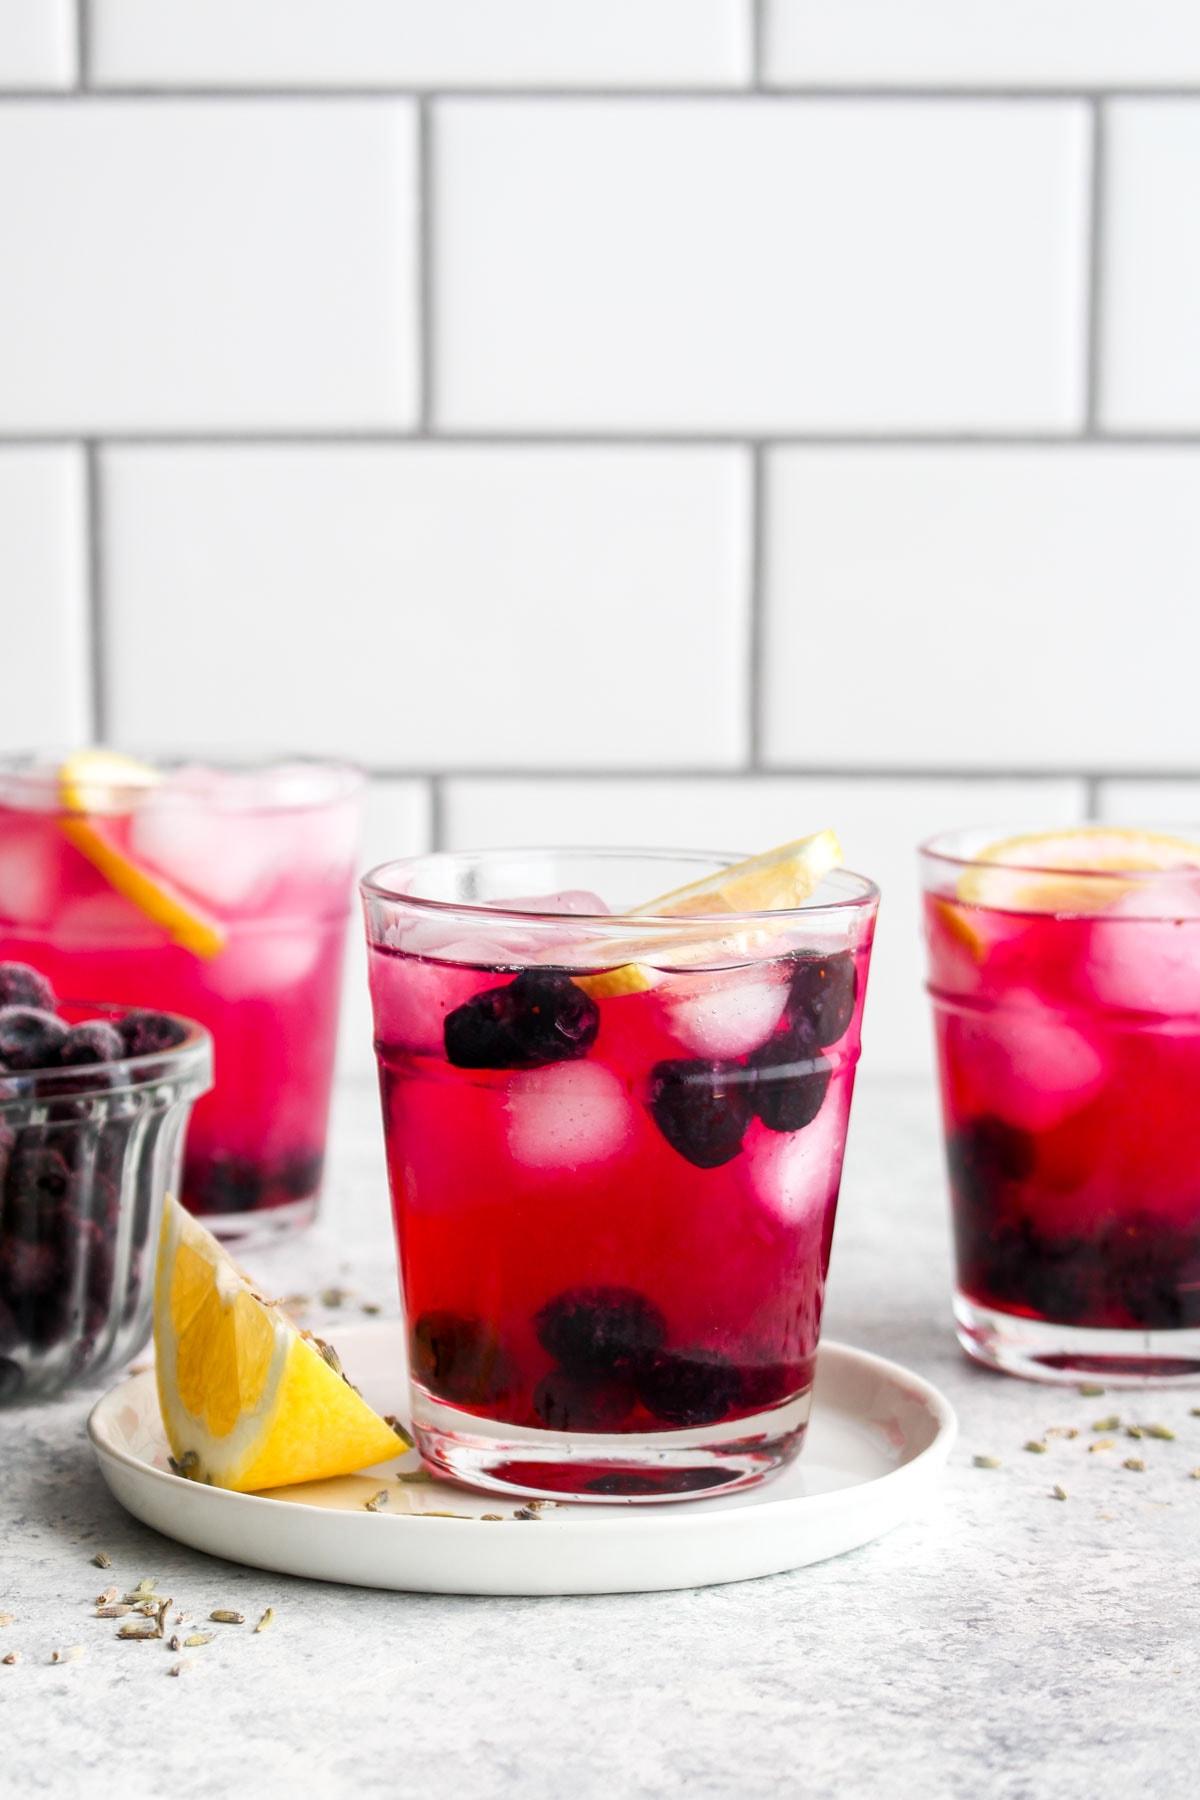 Three glasses of blueberry lavender lemonade.